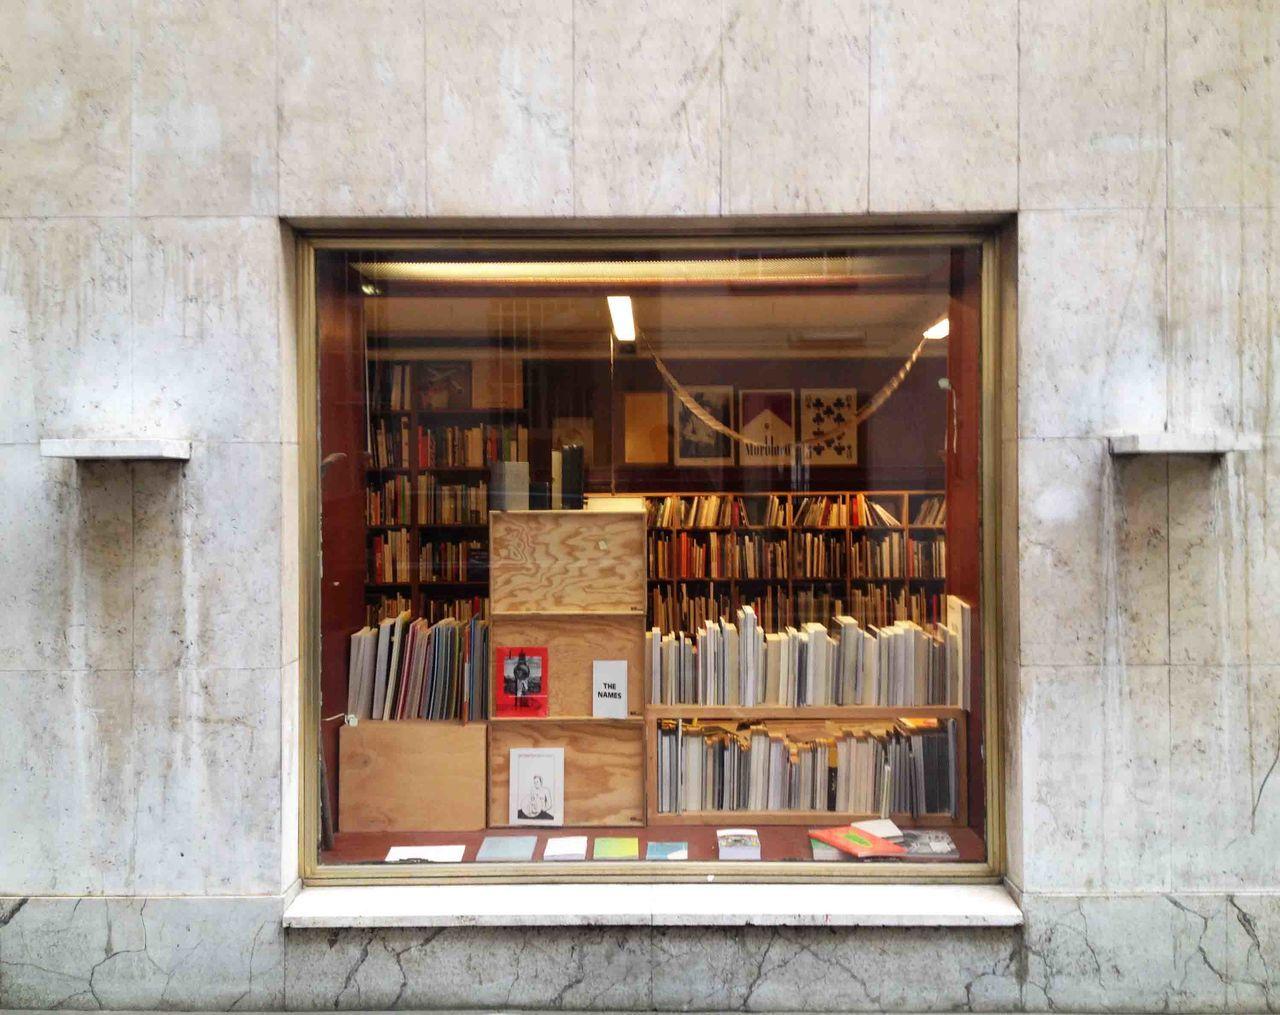 Architecture Book Store Store